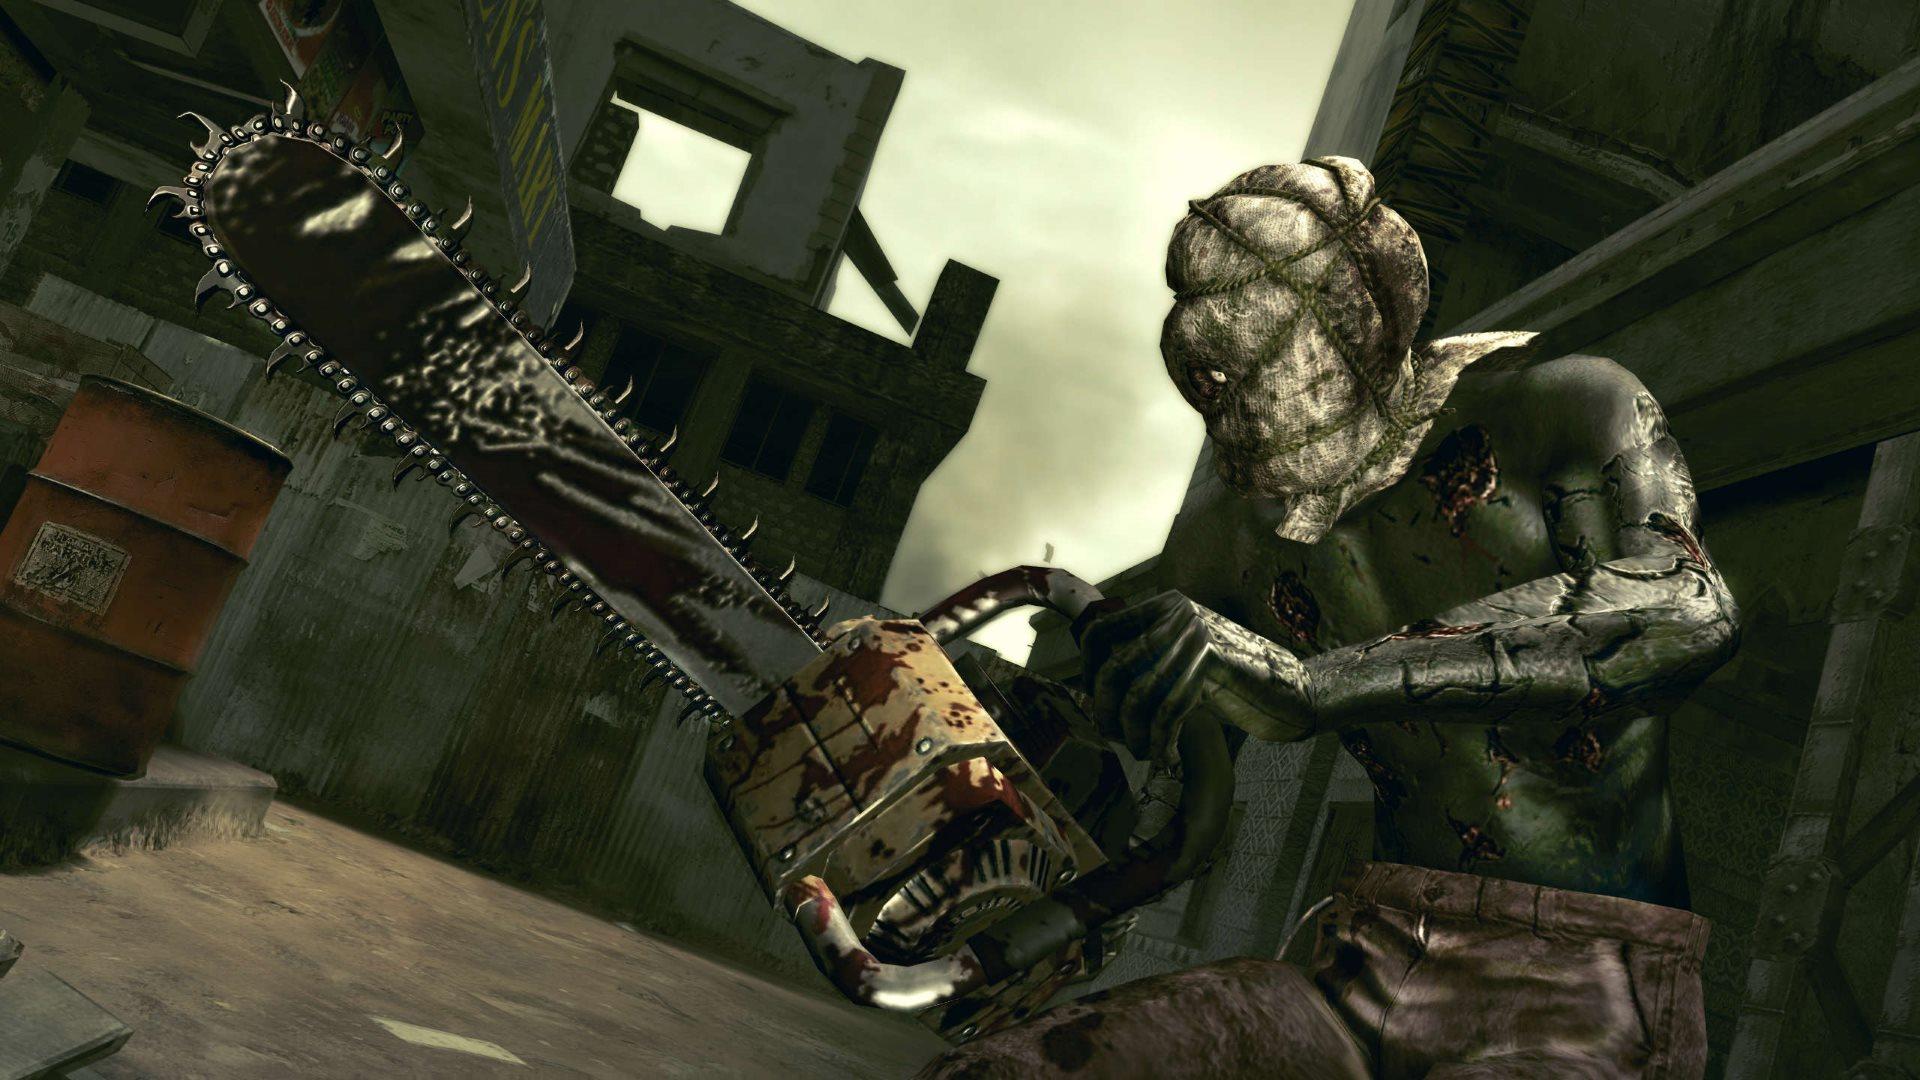 Resident Evil 5 split-screen play is back, sort of | PC Gamer